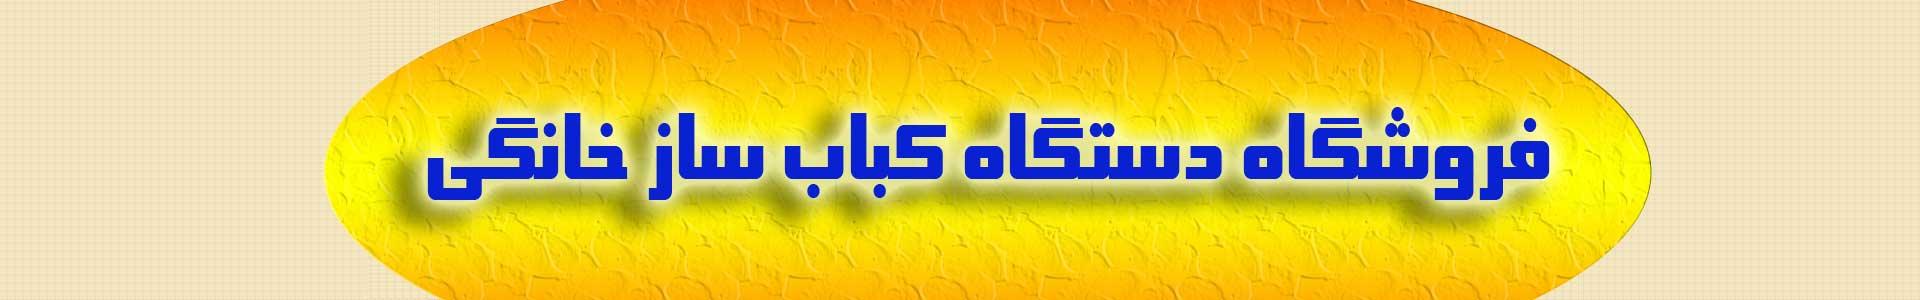 خرید دستگاه کباب ساز خانگی زی نوین تک کباب زن مخصوص پیک نیک